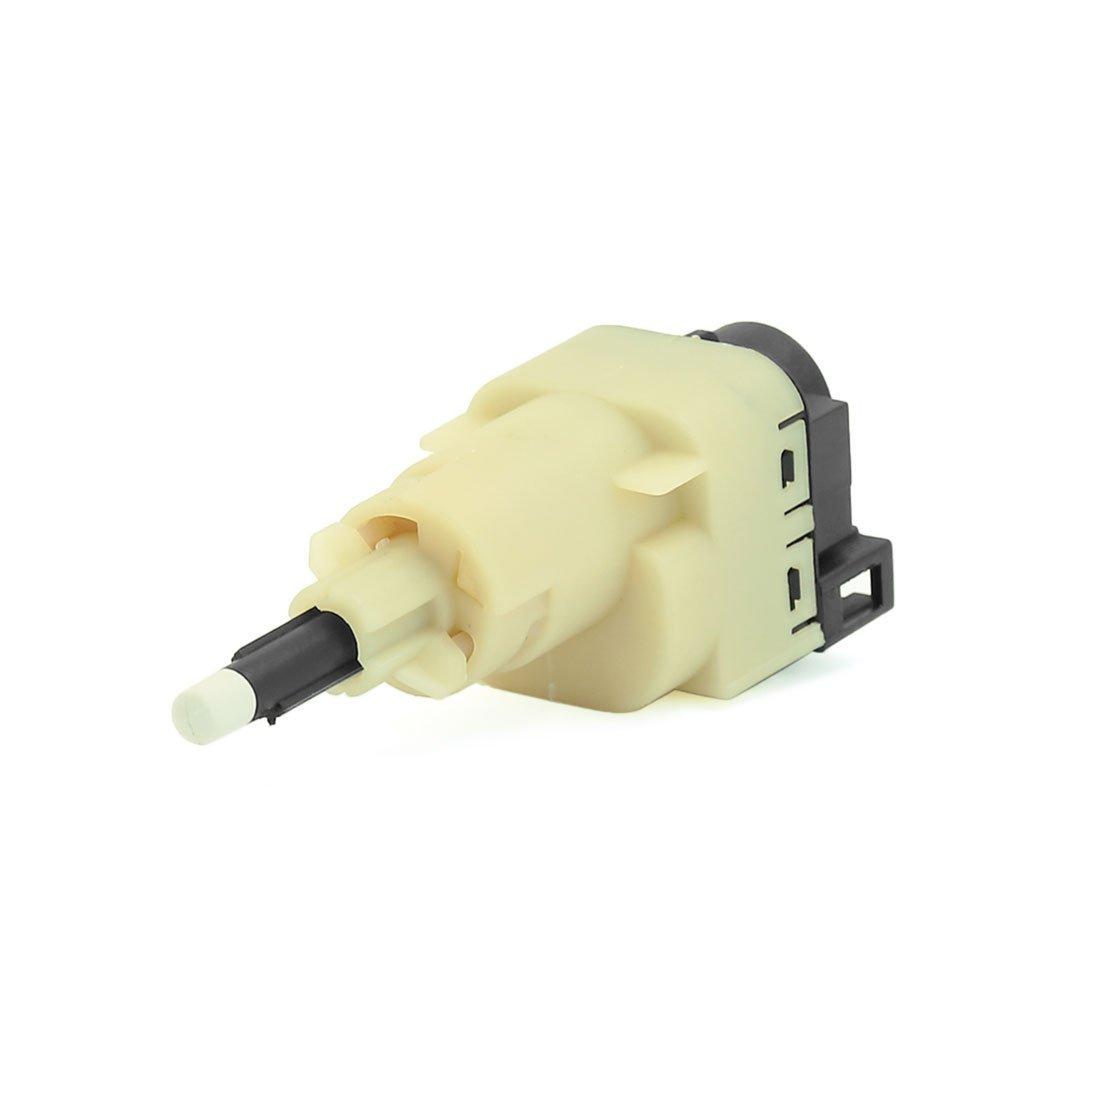 Interruptor del sensor del pedal de embrague DealMux para VW Golf Bora Audi A4 Quattro A6 S6 RS4 7H0927189: Amazon.es: Coche y moto